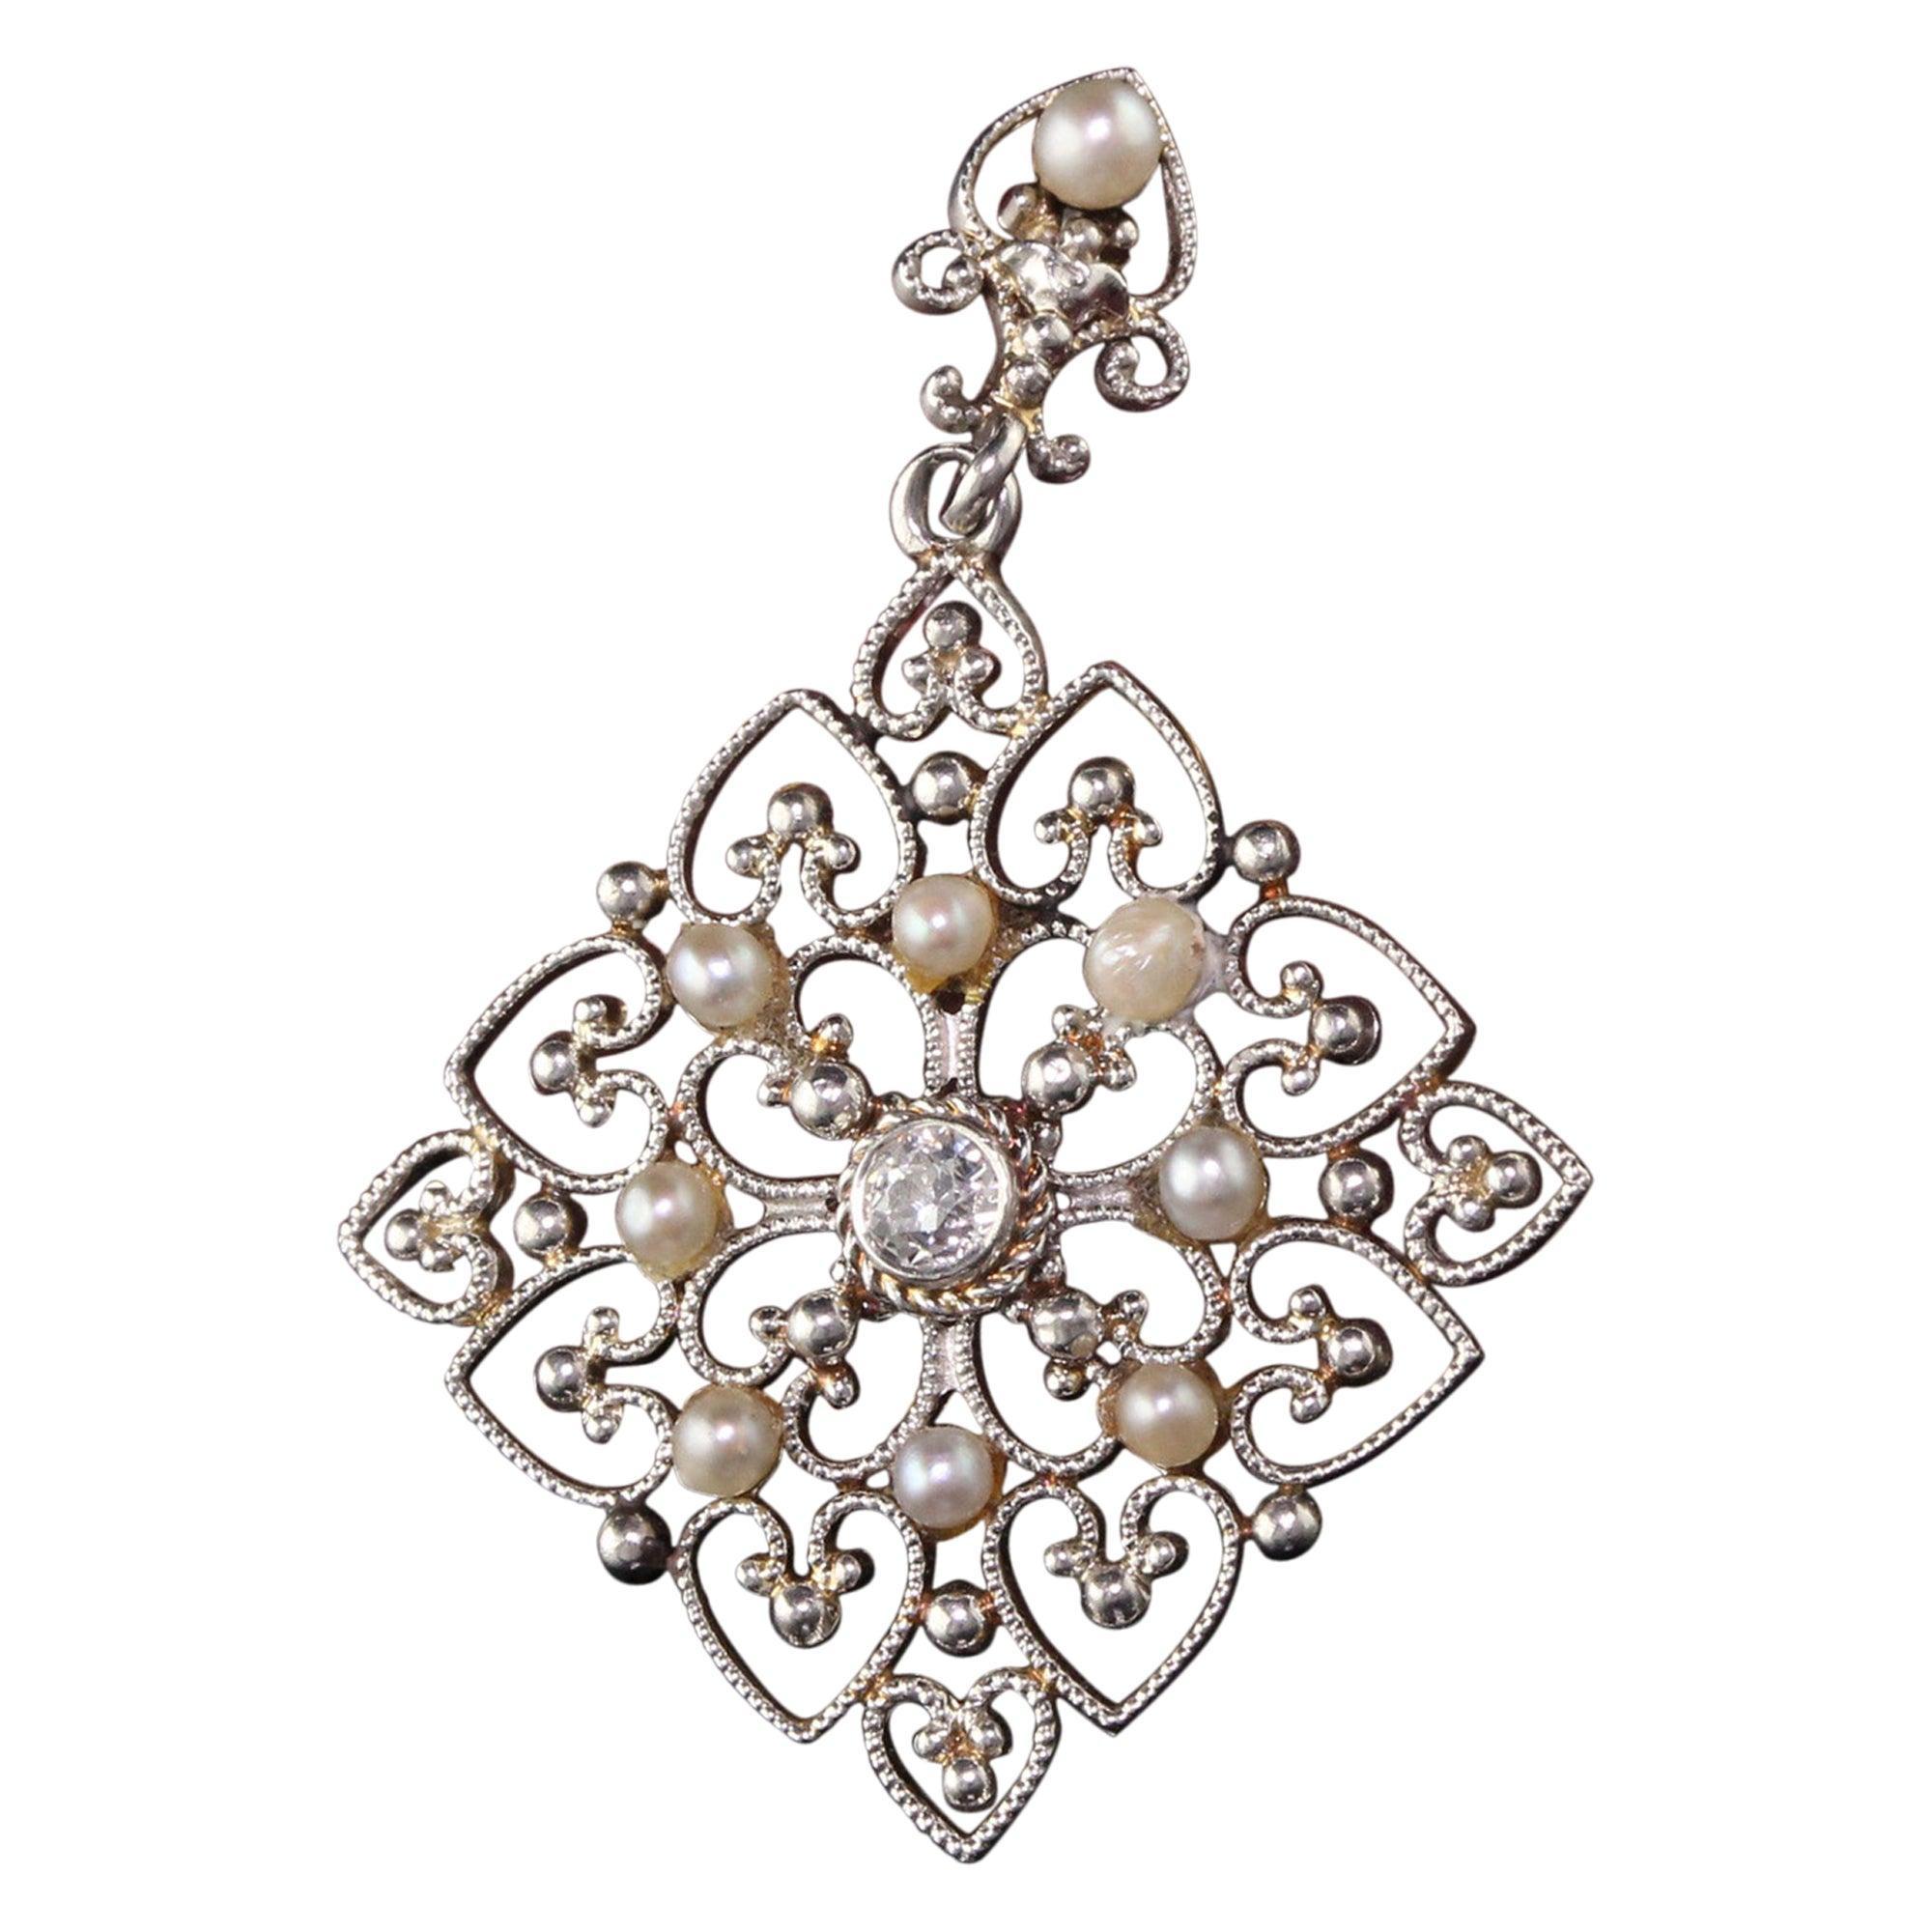 Antique Platinum Art Deco Old European Diamond and Pearl Pendant